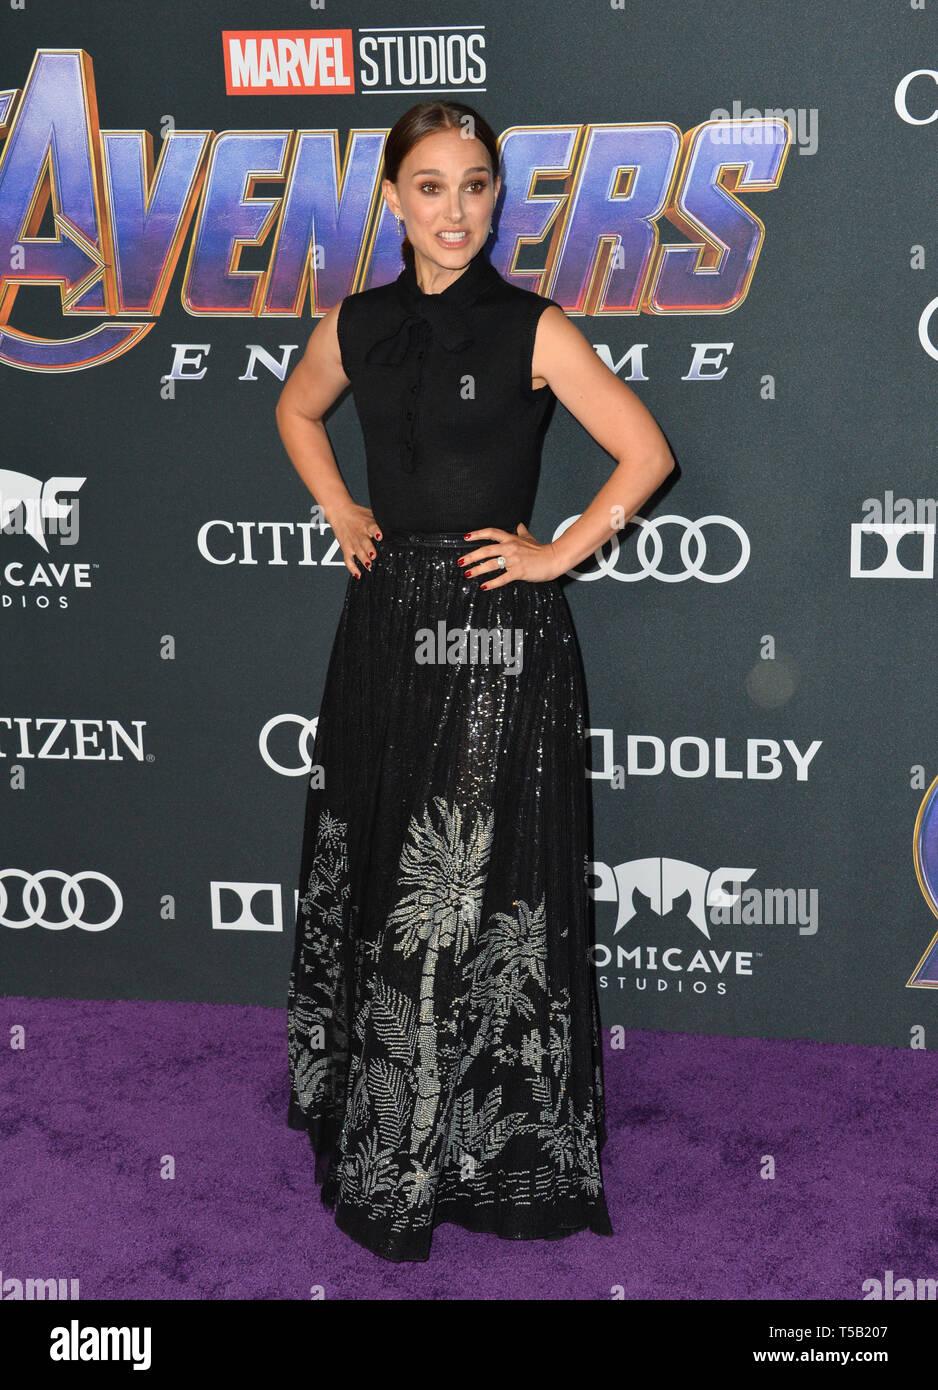 Los Angeles, USA. 22 avr, 2019. LOS ANGELES, USA. 22 avril 2019: Natalie Portman lors de la première mondiale d' 'Les Studios Marvel Avengers: Endgame'. Crédit: Paul Smith/Alamy Live News Photo Stock